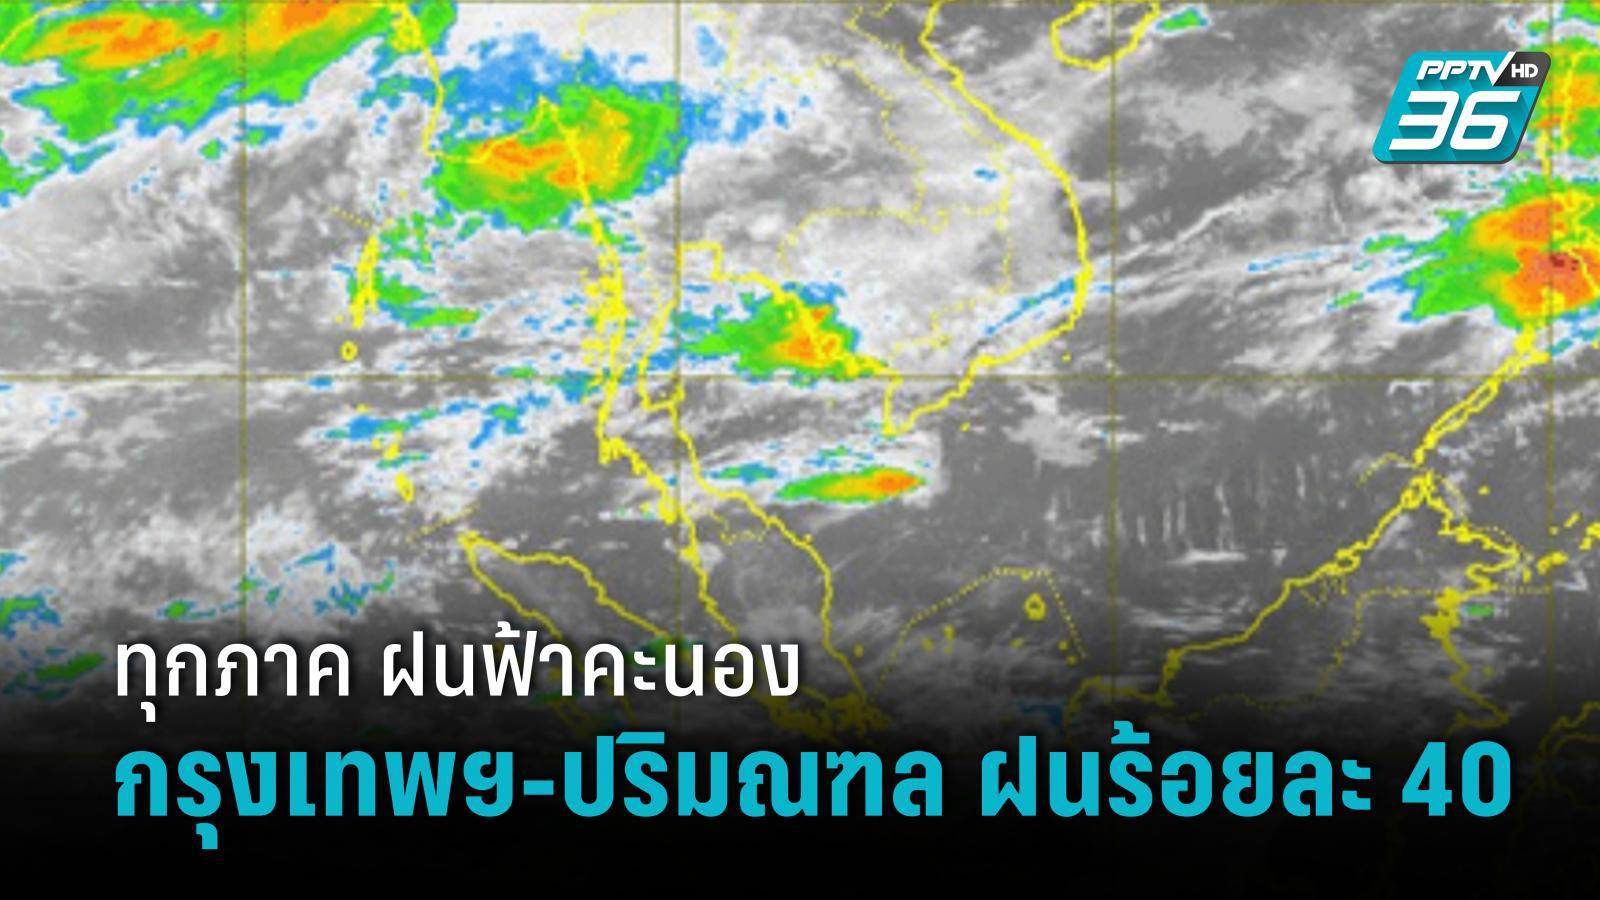 อุตุฯ เตือน ทุกภาค มีฝนฟ้าคะนอง กรุงเทพฯ-ปริมณฑล ฝนร้อยละ 40